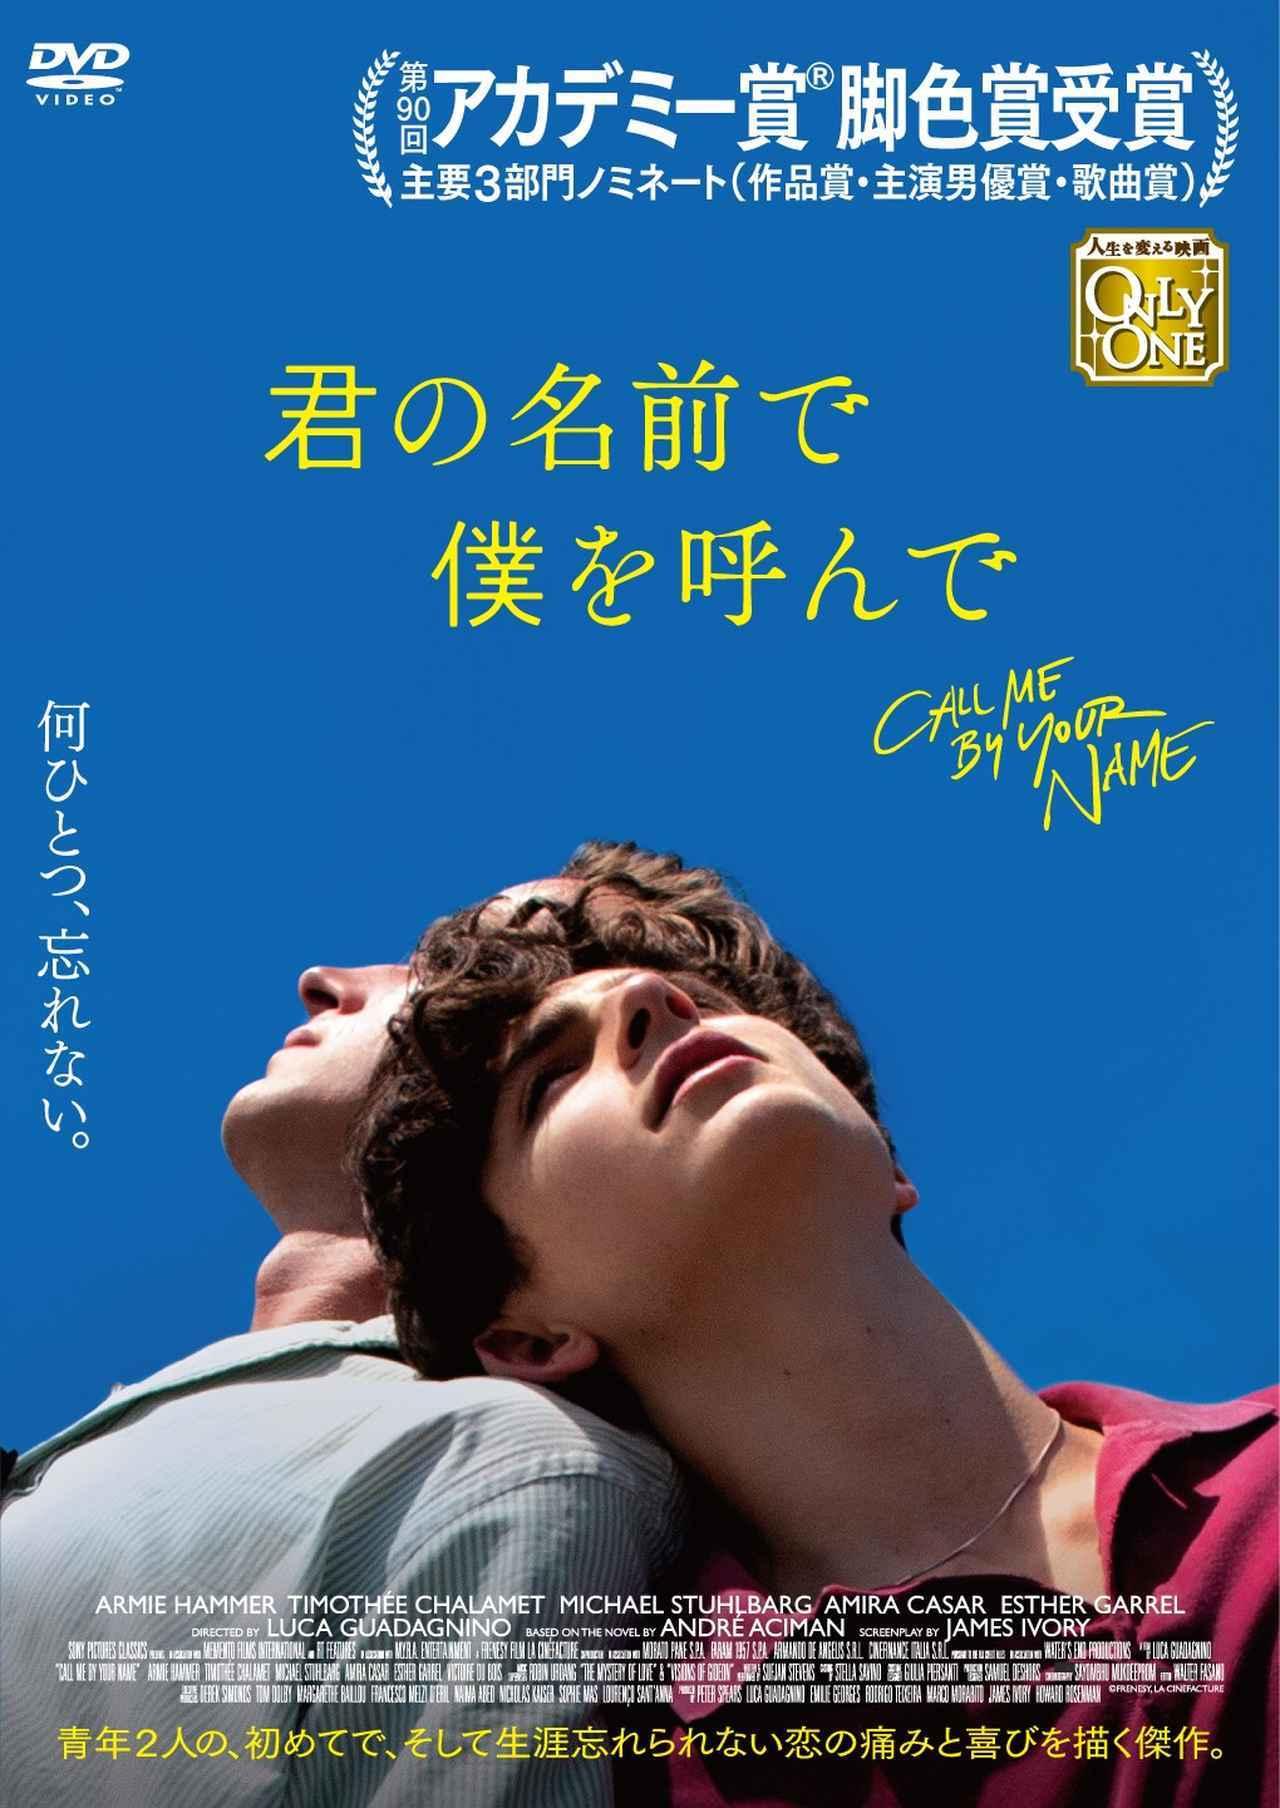 画像: 『君の名前で僕を呼んで』Blu-ray&DVD 9.14(金)TSUTAYA限定でレンタル開始/9.21(金)発売 - SCREEN ONLINE(スクリーンオンライン)